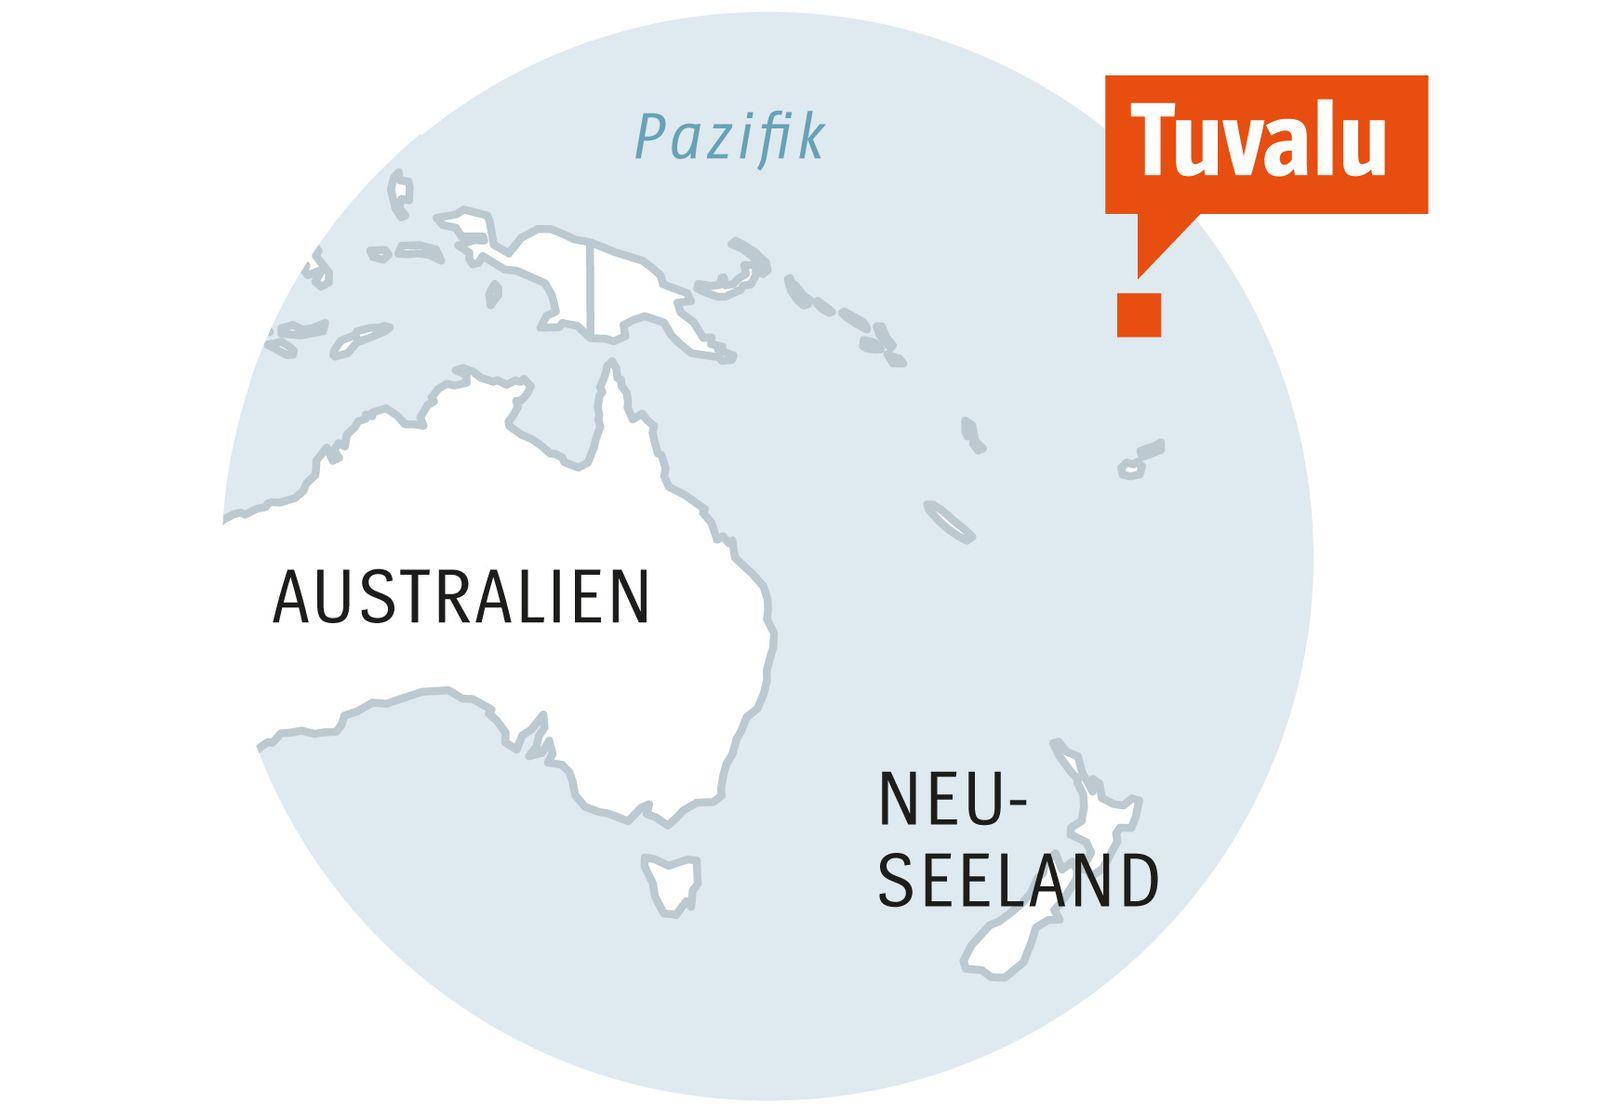 EINMALIGE VERWENDUNG SPIEGEL Plus SPIEGEL 8/2018 S.115 Tuvalu